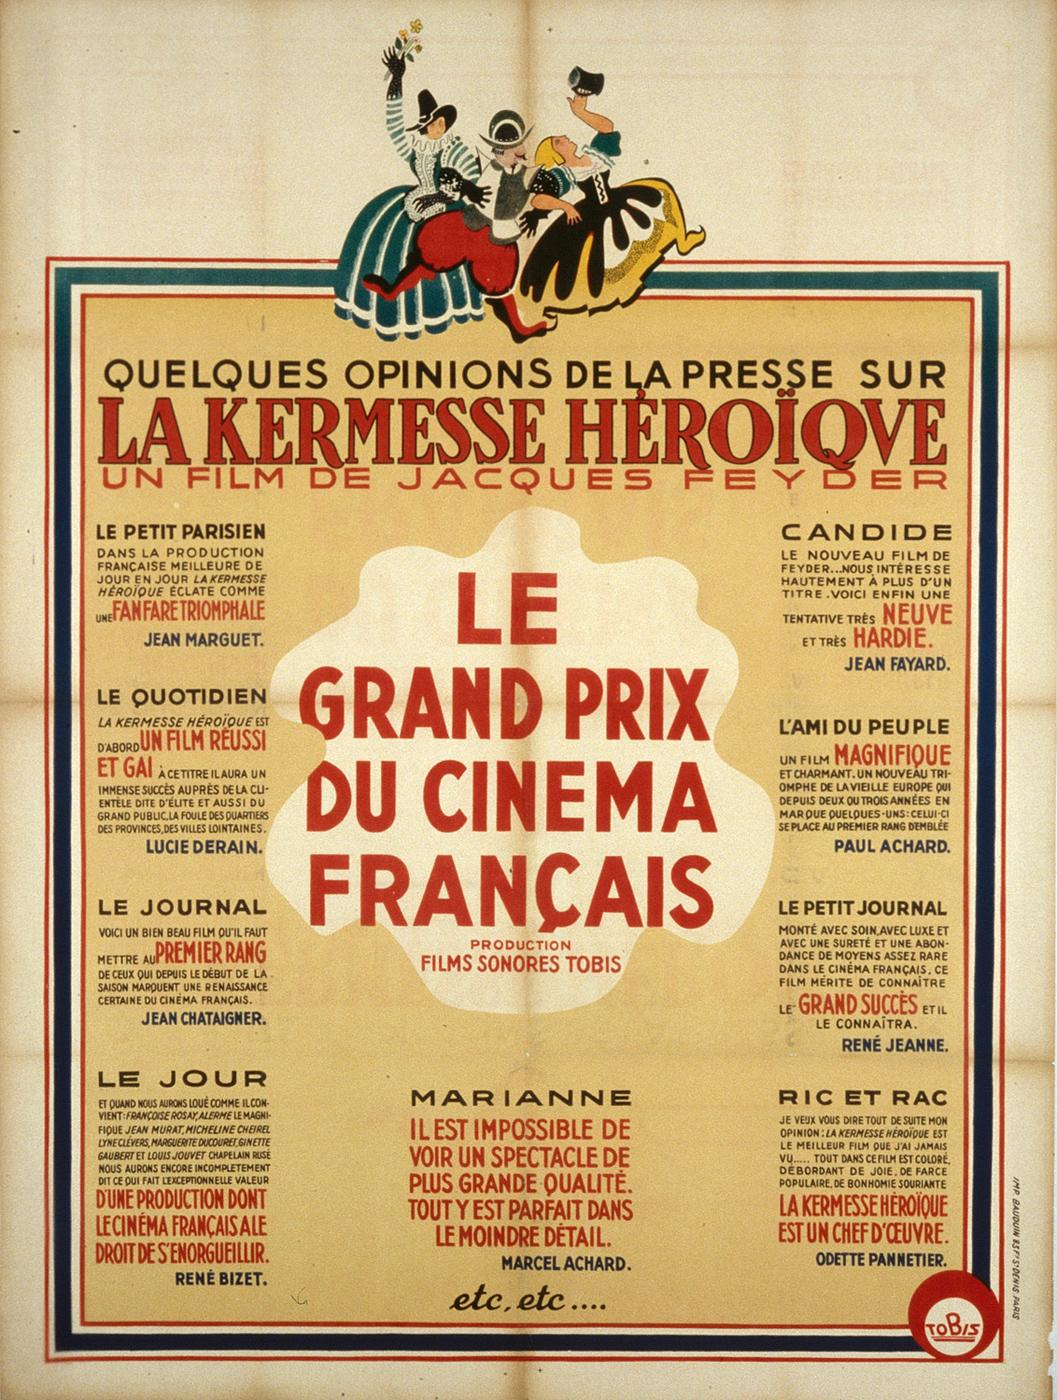 """Affiche de la """"Kermesse héroïque"""", non signée, 1935 / DR, fonds CF"""